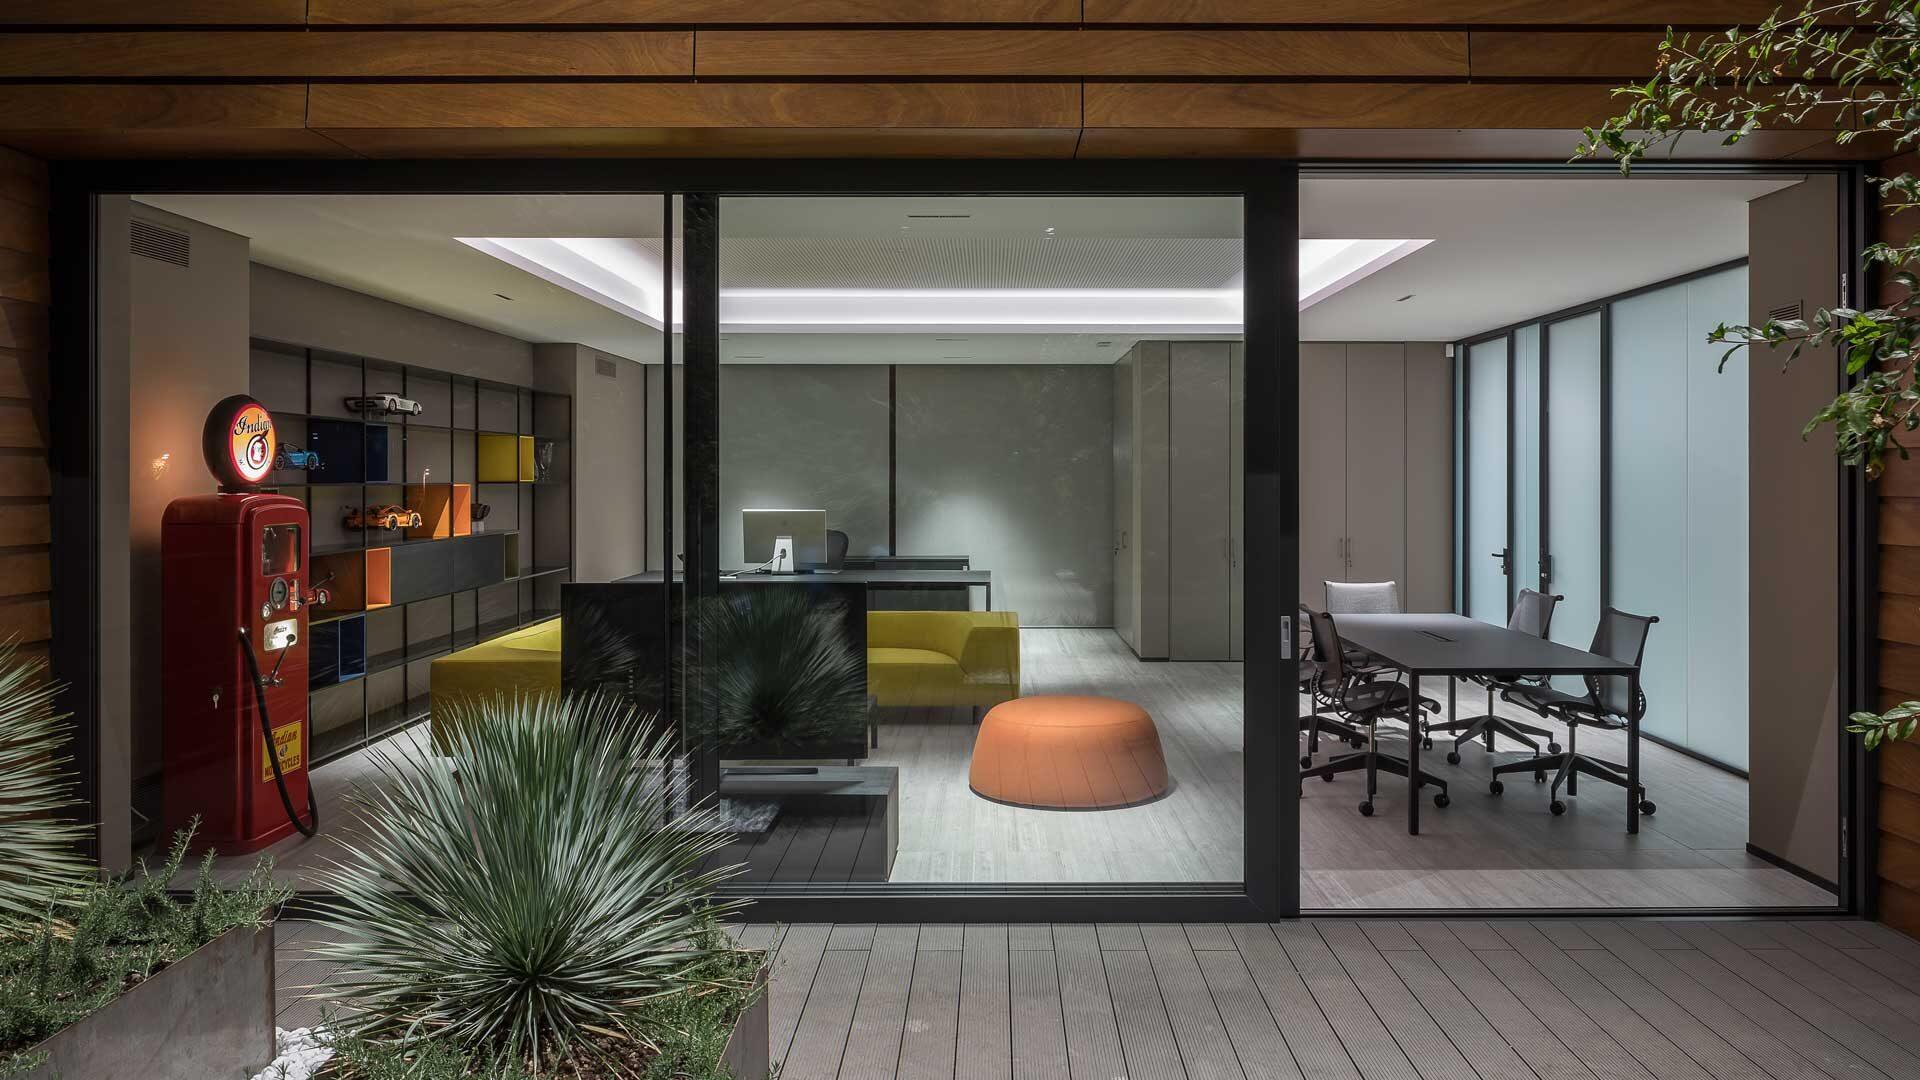 Tavoli-direzionali-per-ufficio-le-caratteristiche-Level-Office-Landscape